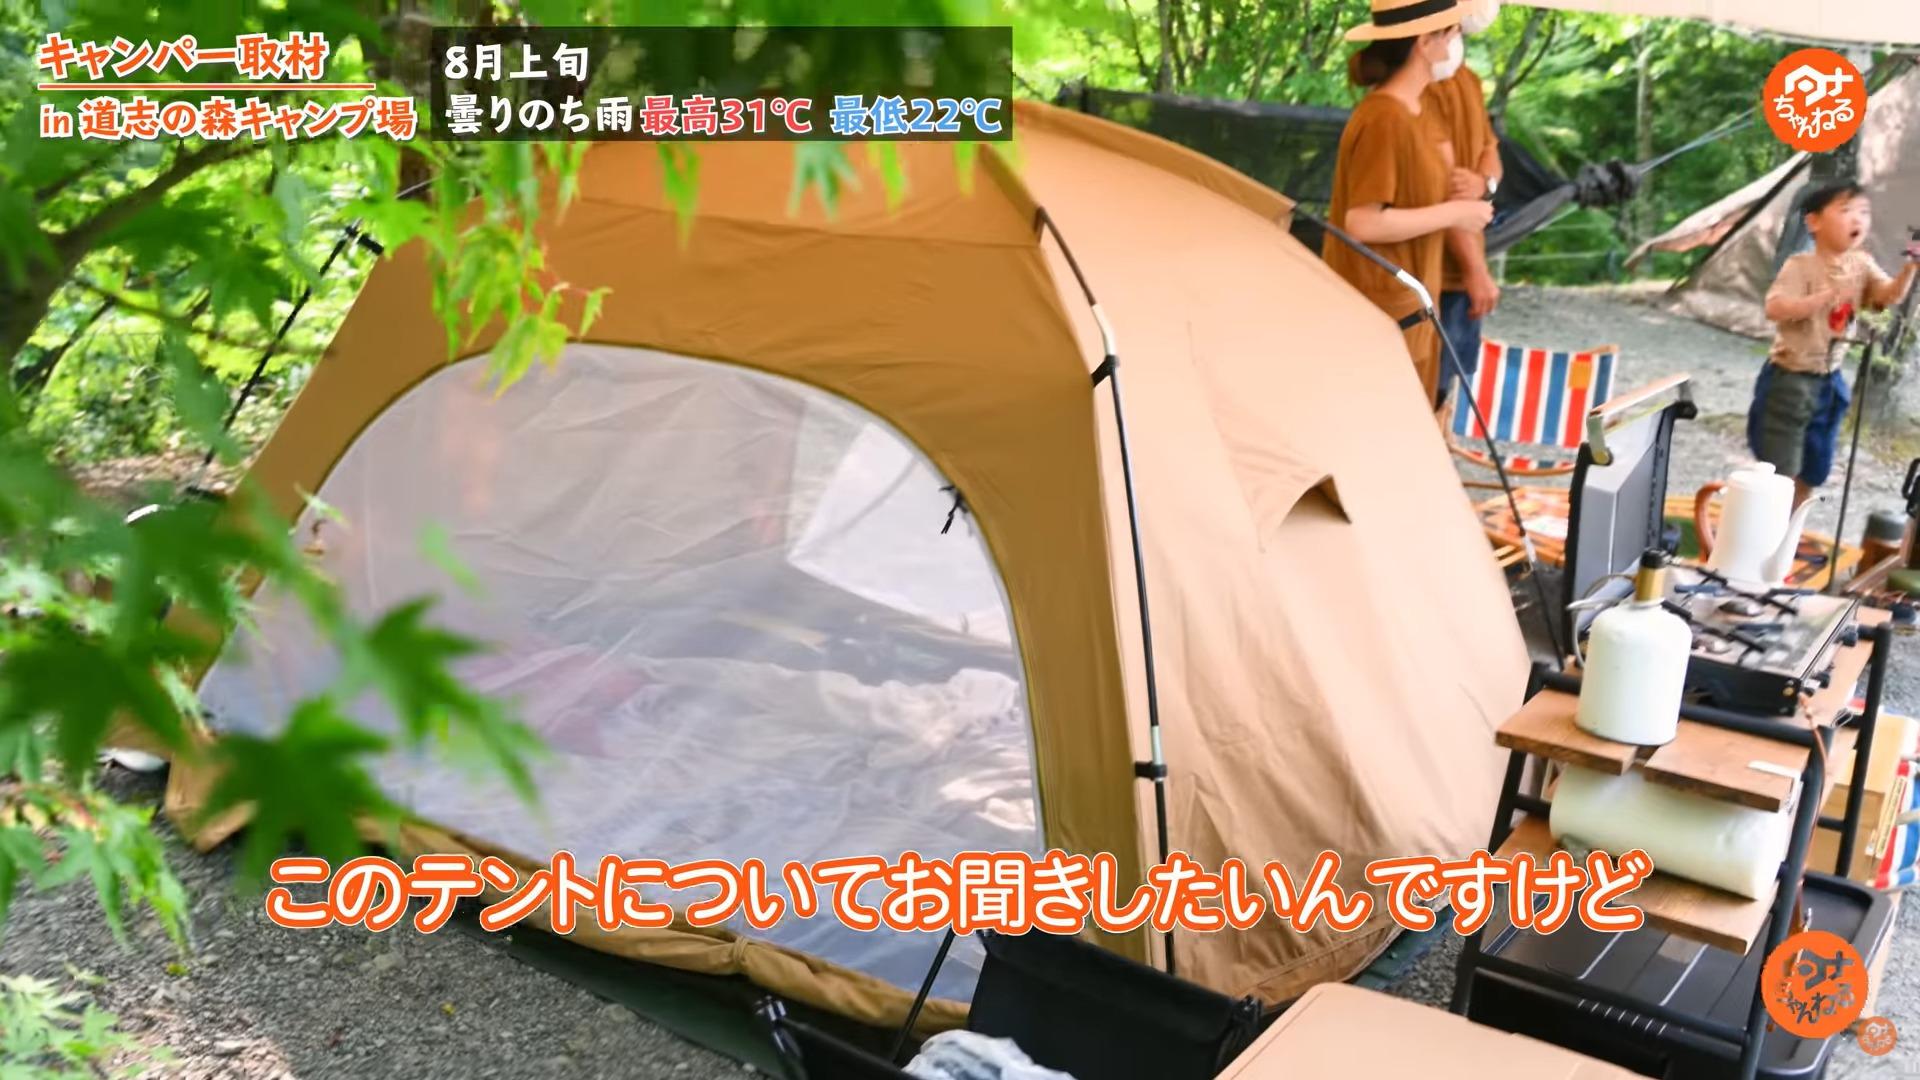 テント:【ビジョンピークス】 TCルーテント